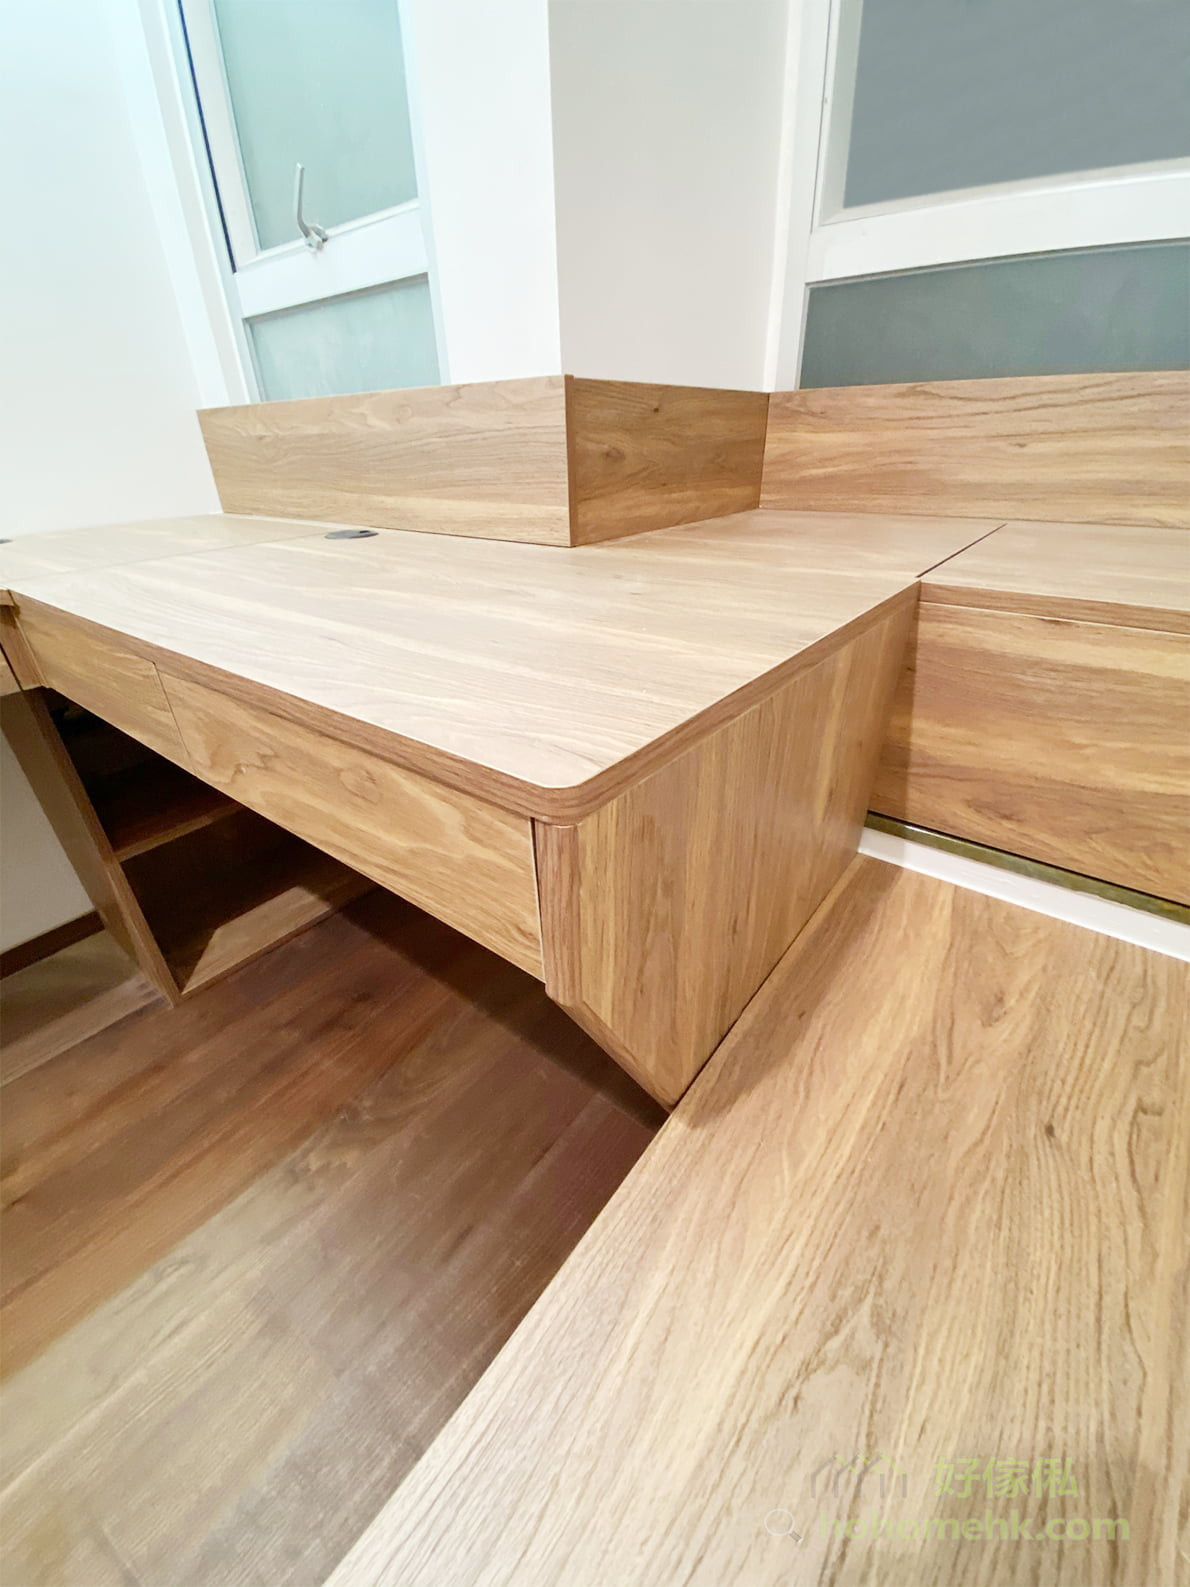 單人床與書枱連接的地方也使用了斜角設計,呼應斜角吊櫃,讓整個空間的風格更加統一